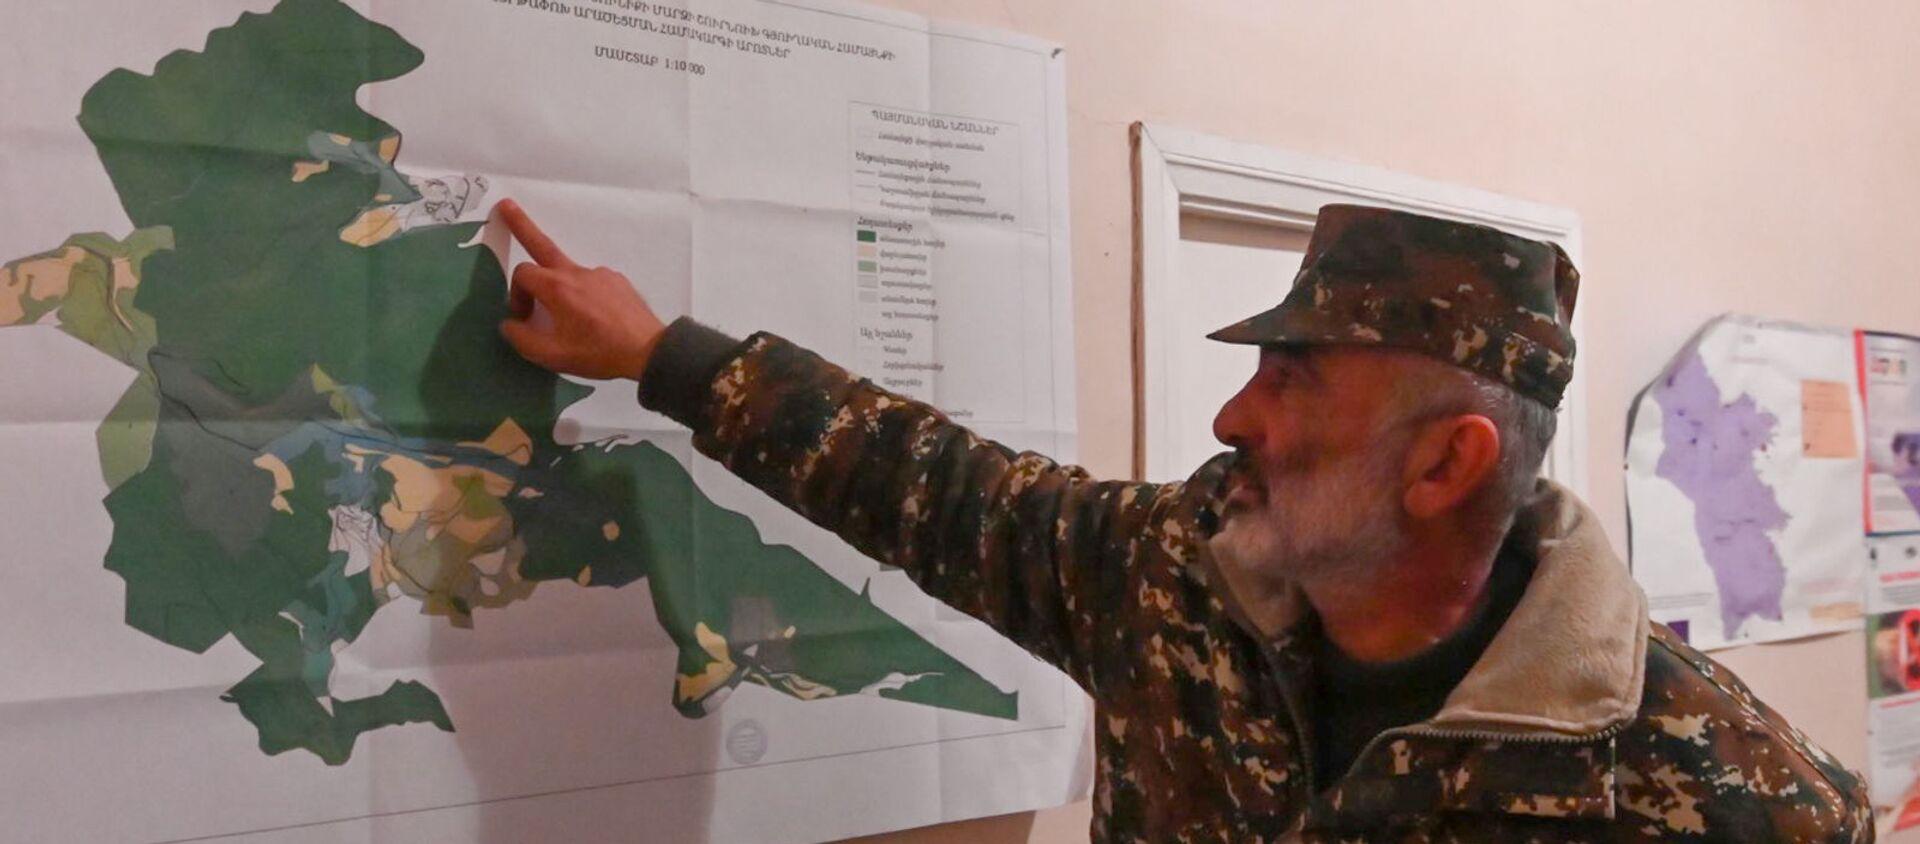 Глава администрации села Шурнух Акоп Аршакян показывает карту (18 декабря 2020). - Sputnik Արմենիա, 1920, 12.05.2021